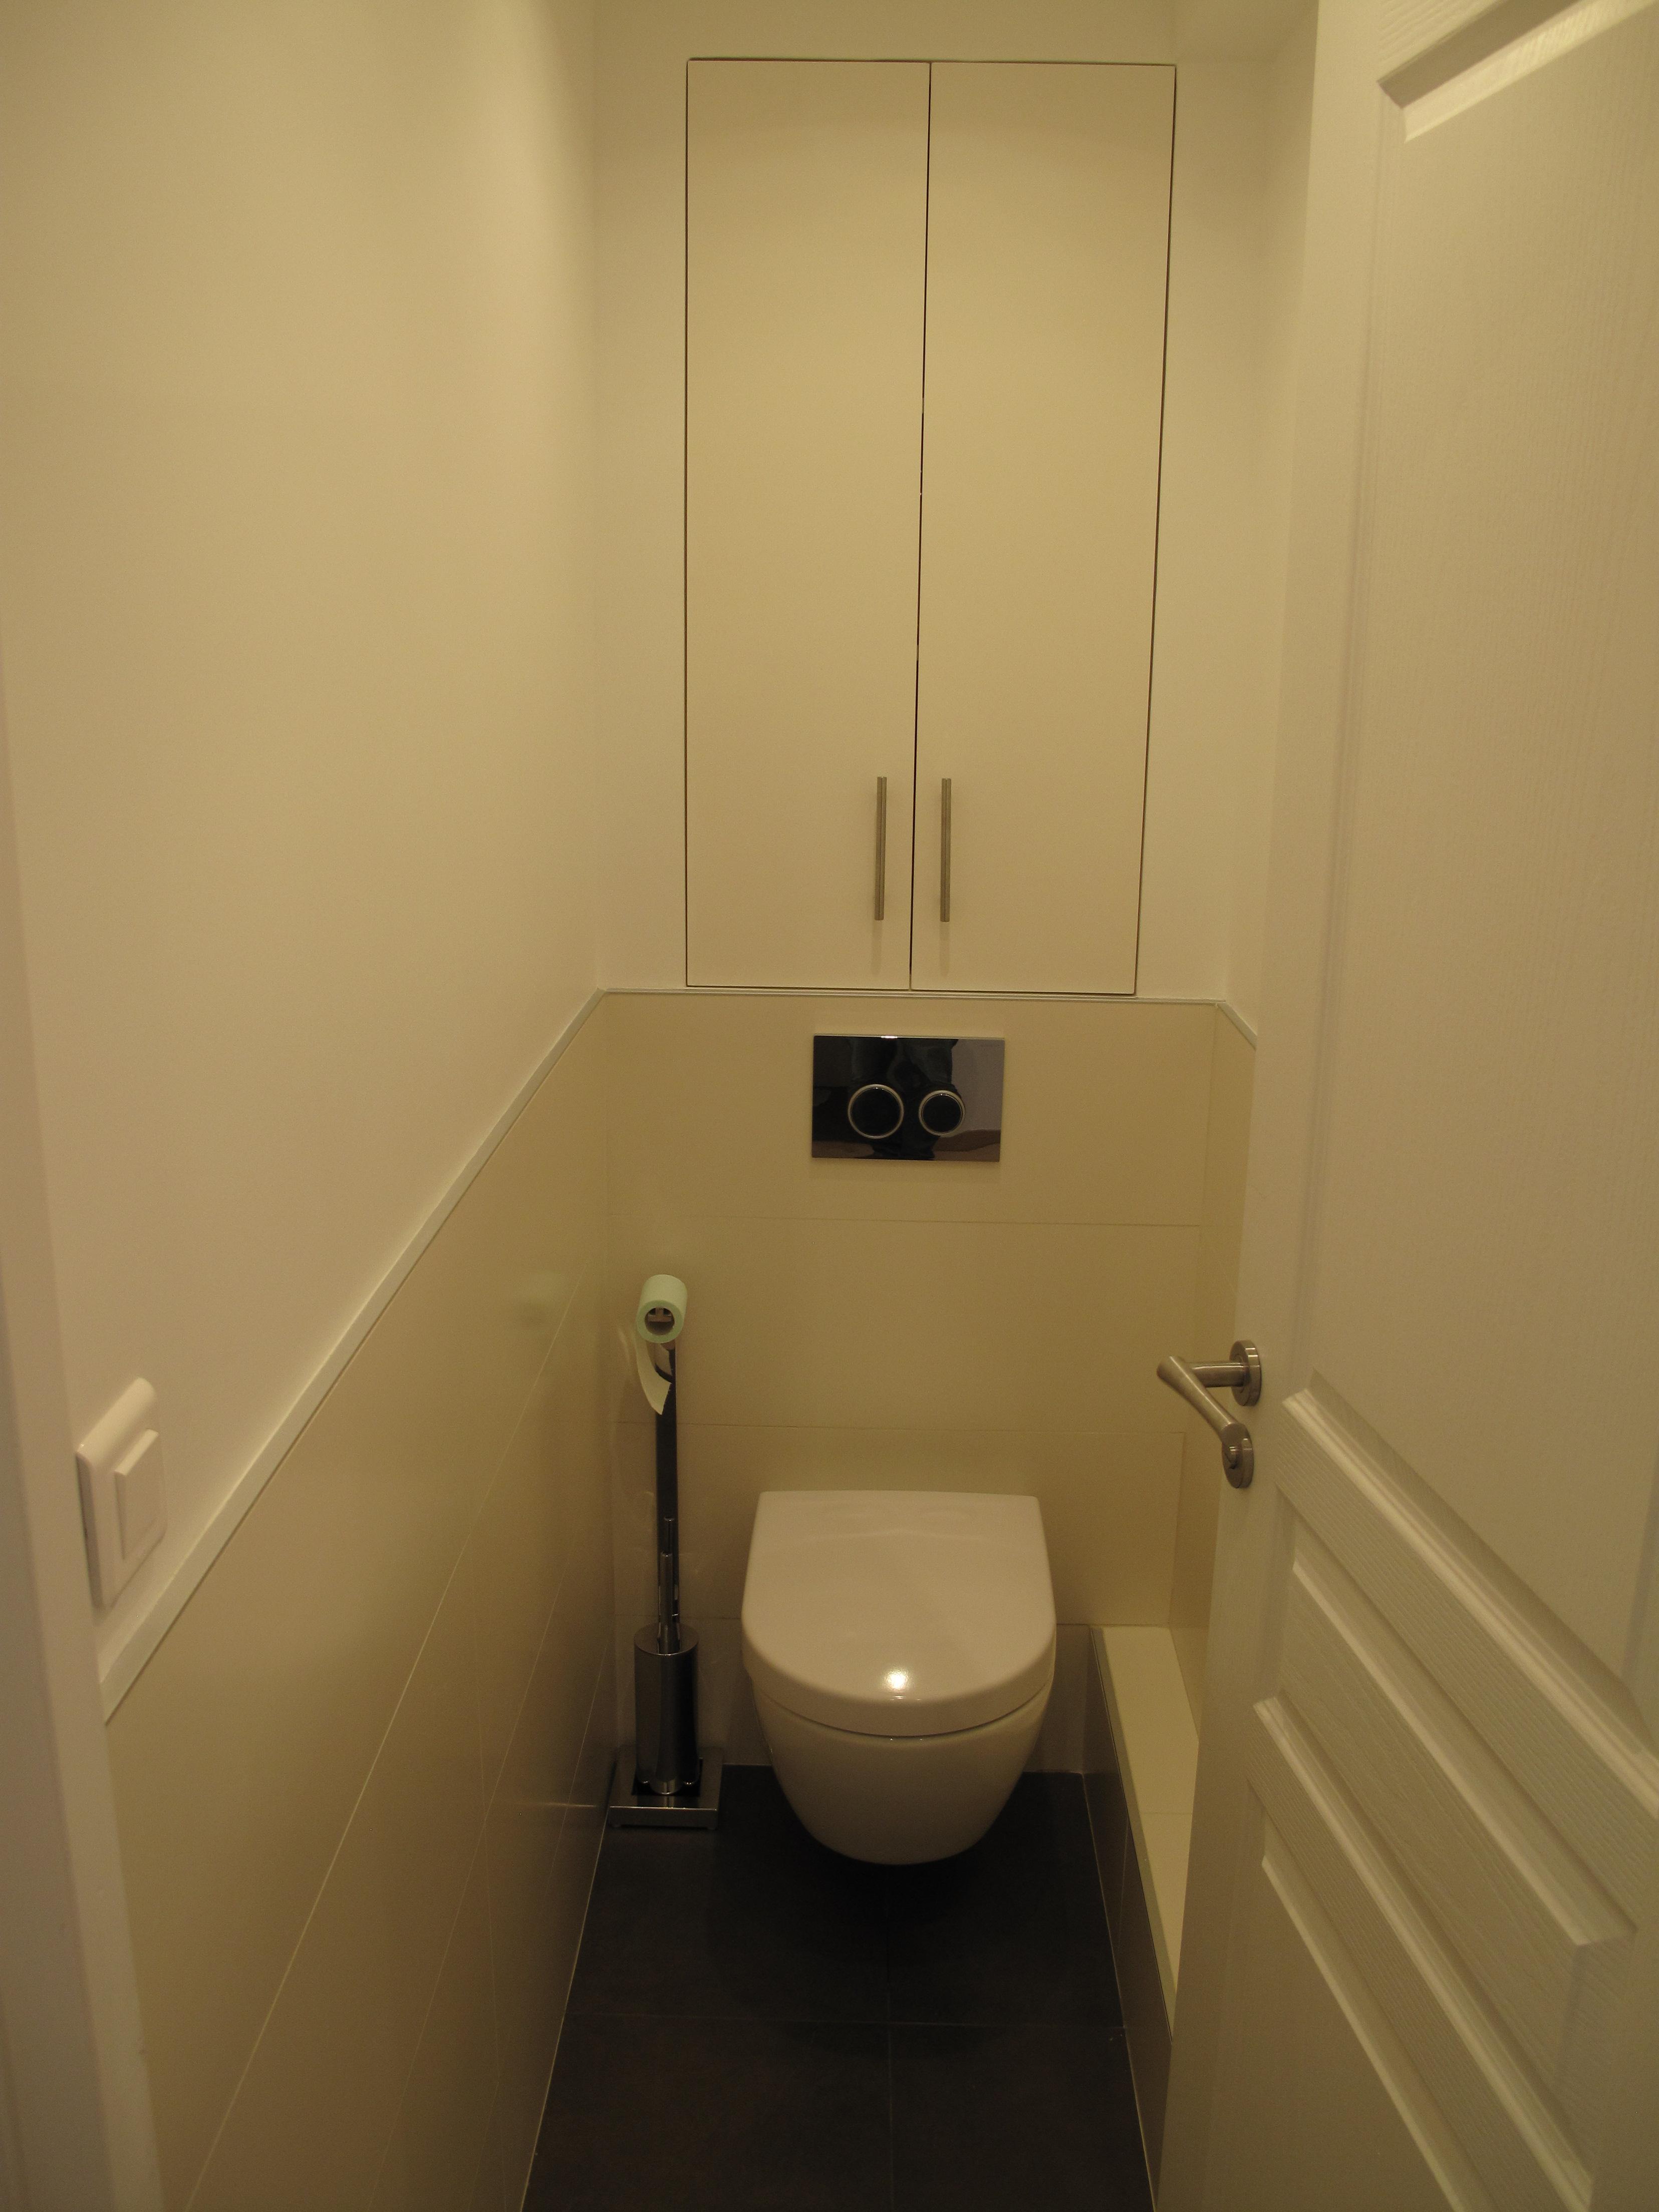 toilettes suspendues paris r novation isolation mur porteur villiers sur orge. Black Bedroom Furniture Sets. Home Design Ideas